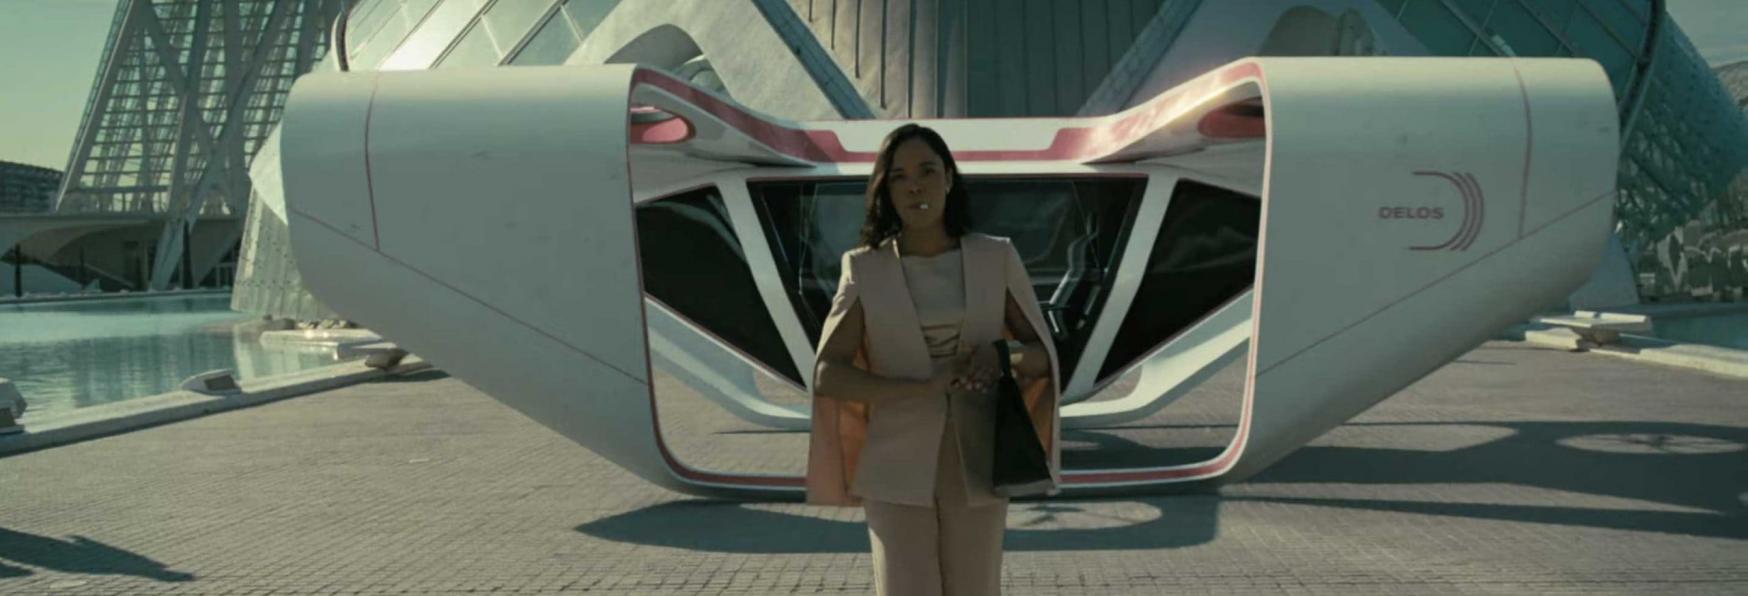 Westworld 4: la prossima Stagione presenterà dei Mondi Inediti